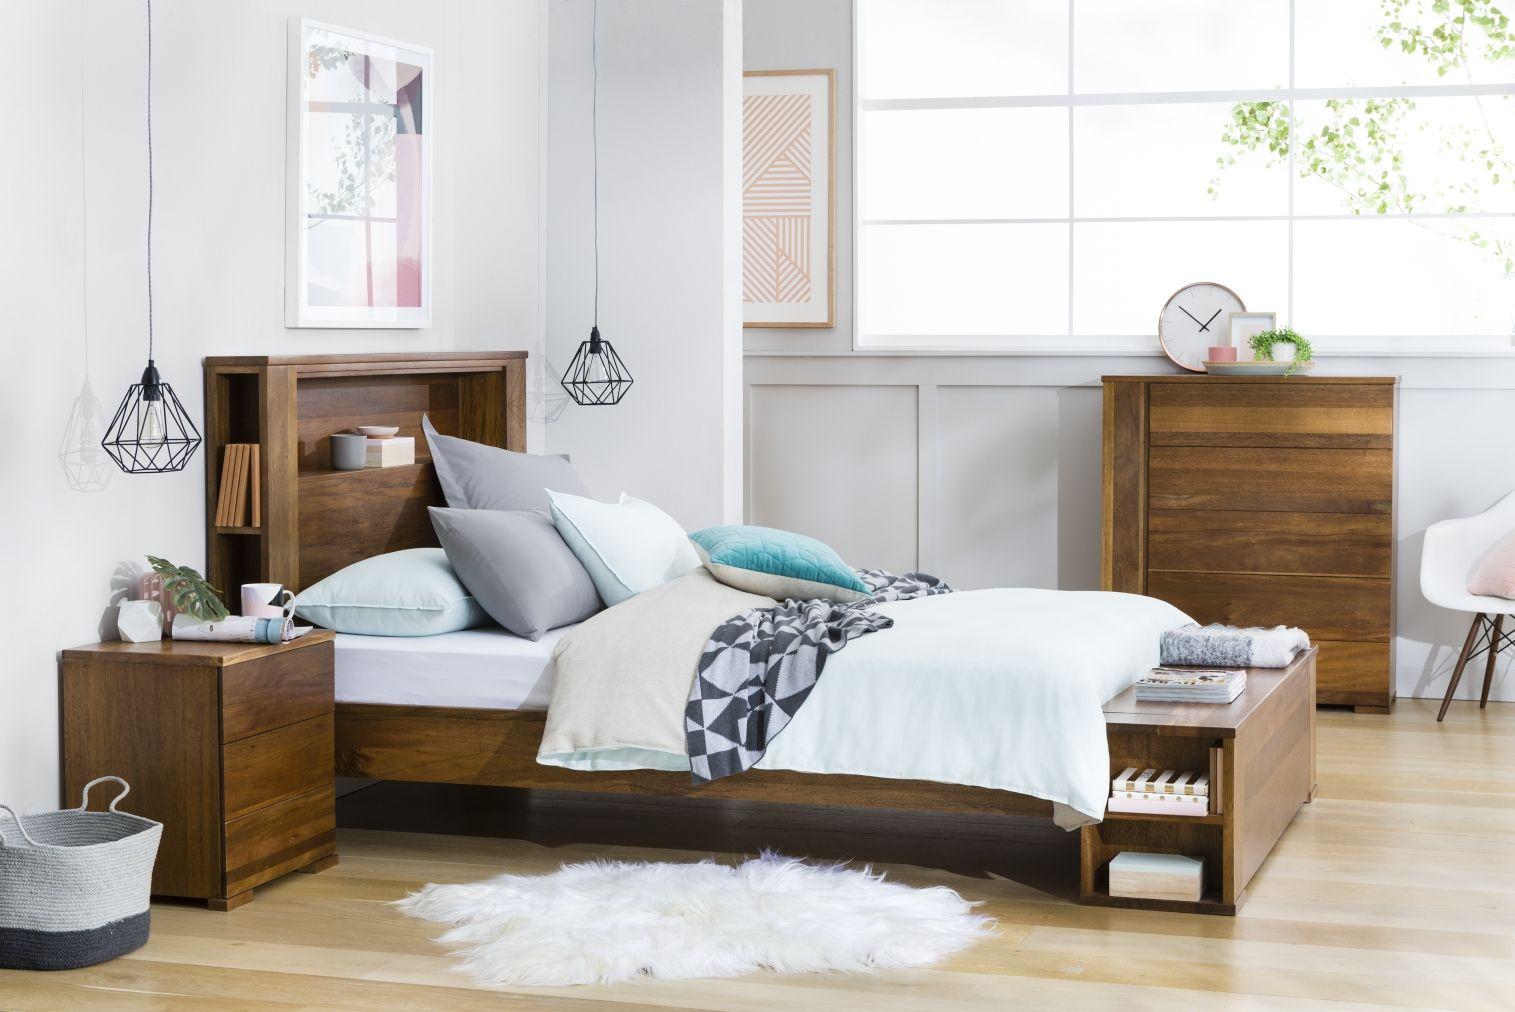 Yarra Bedside Table Bedroom Furniture Forty Winks Furniture Timber Bed Frames Bedroom Furniture